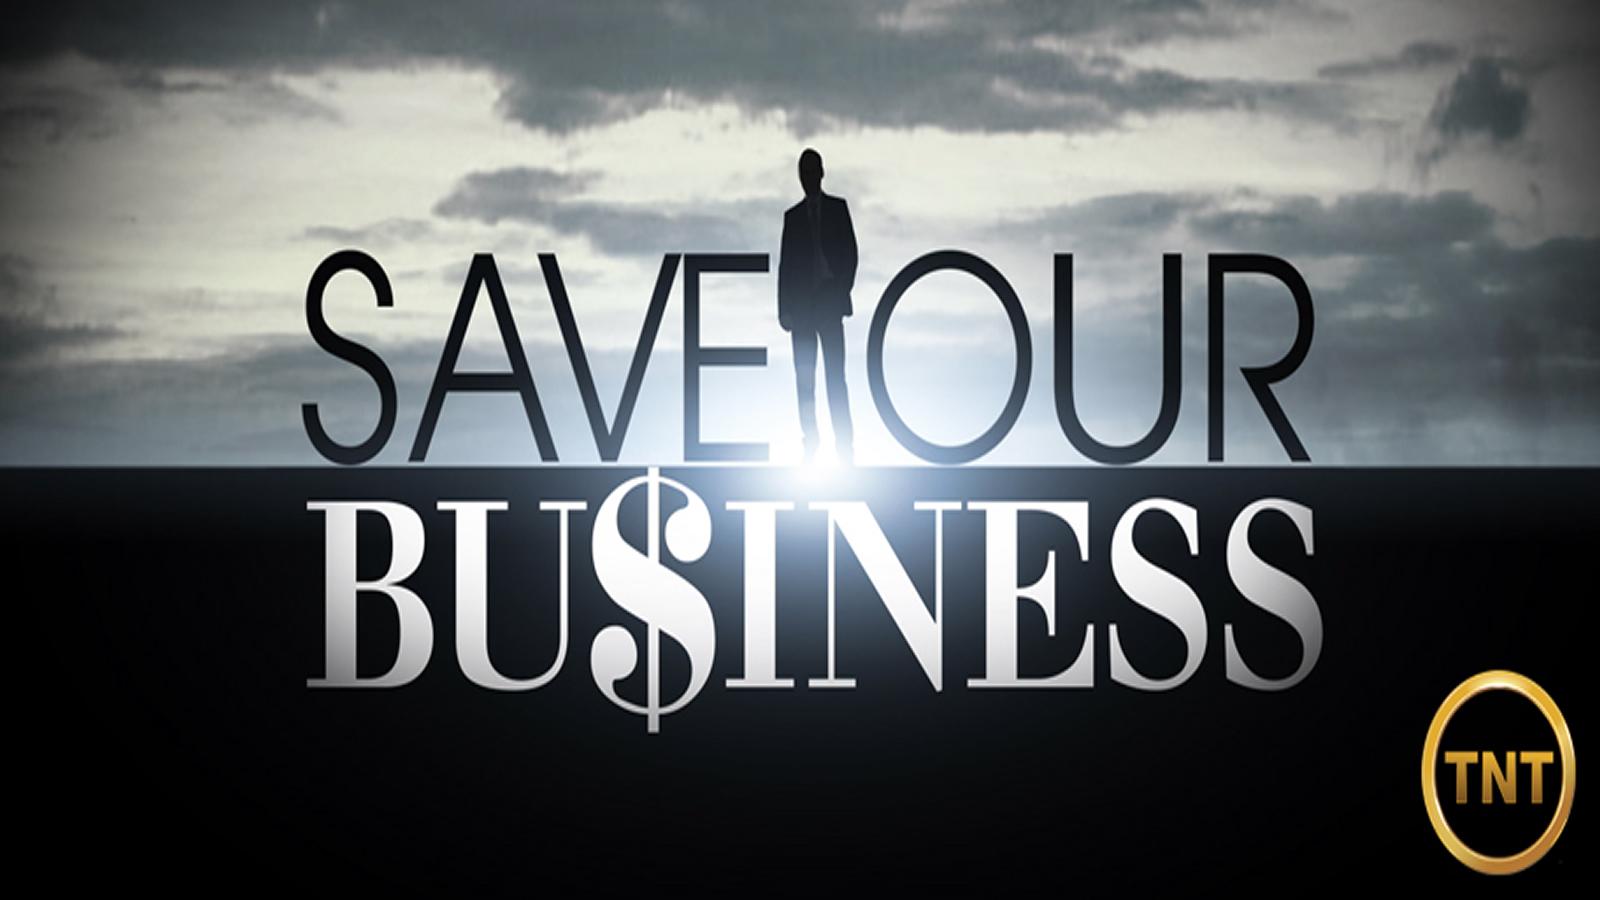 نجات یک بیزینس (مستند)